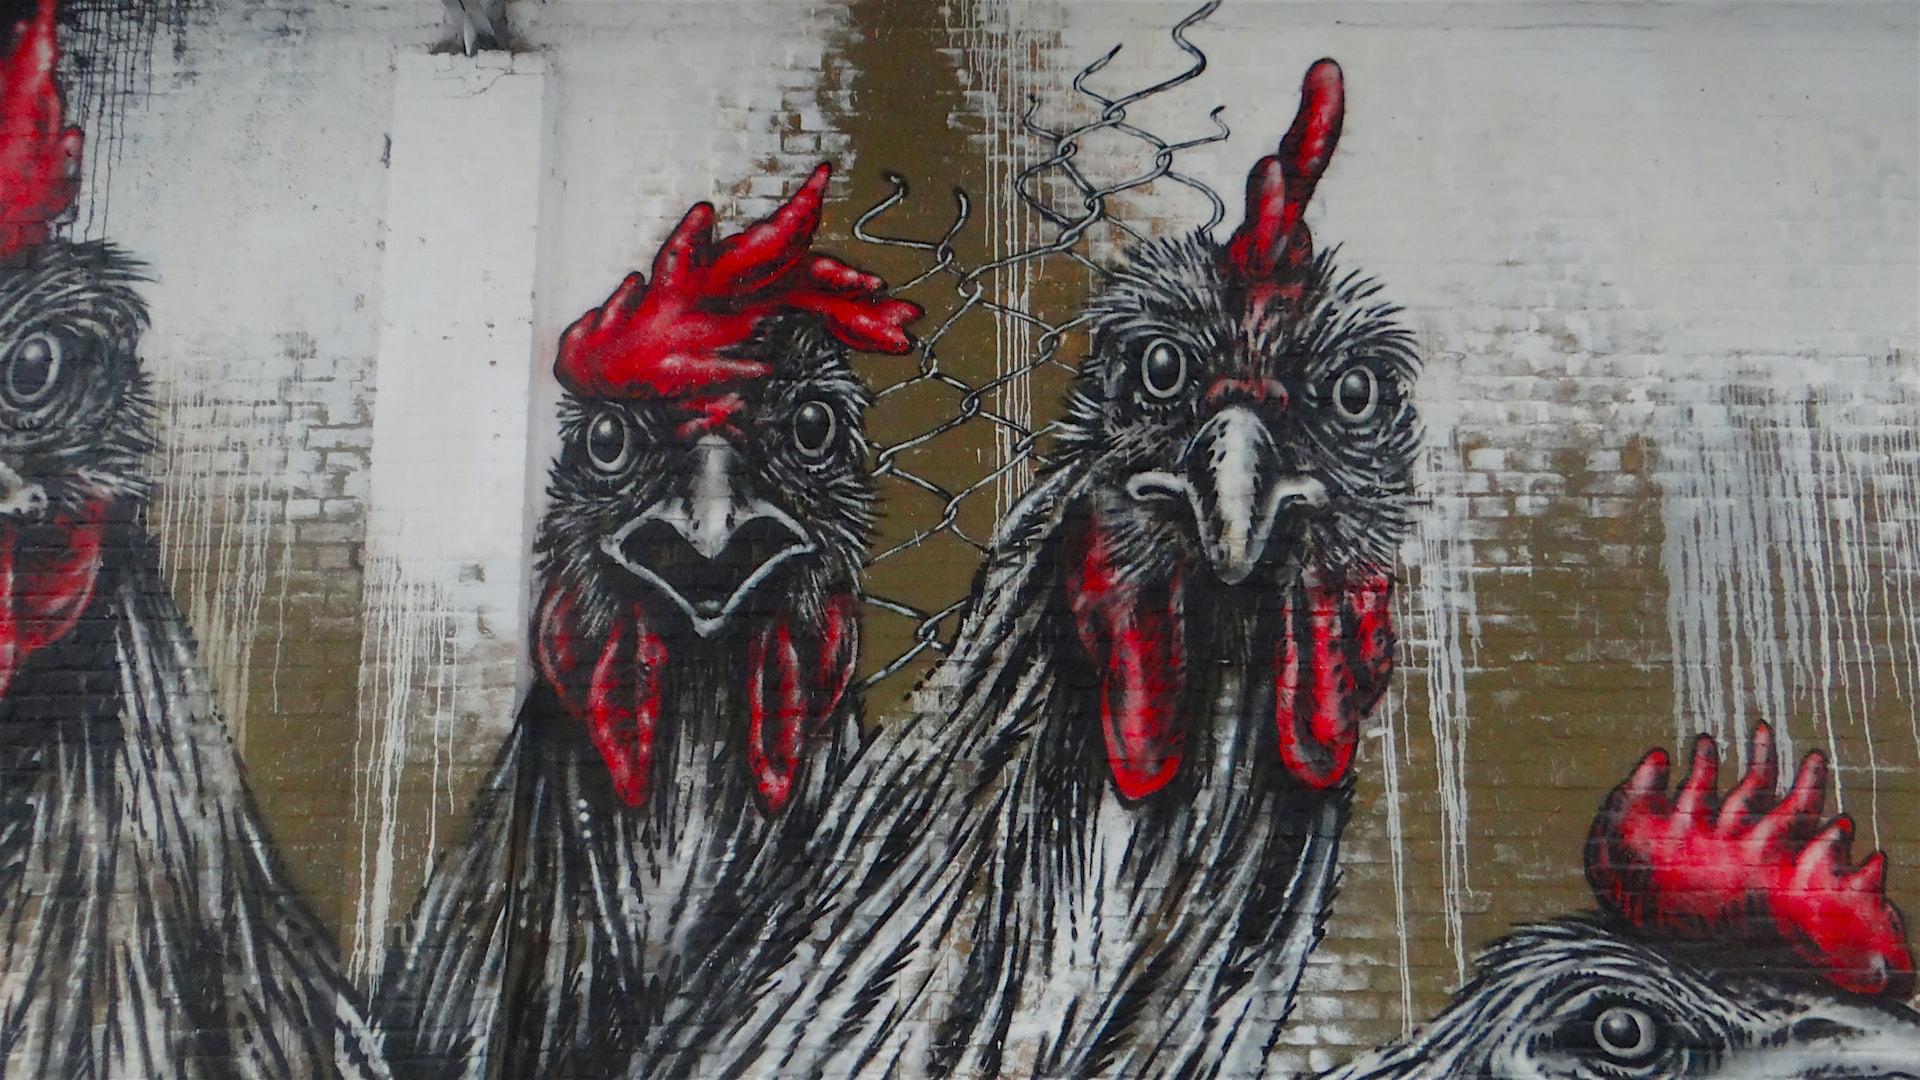 T.A.G.S. Mural art